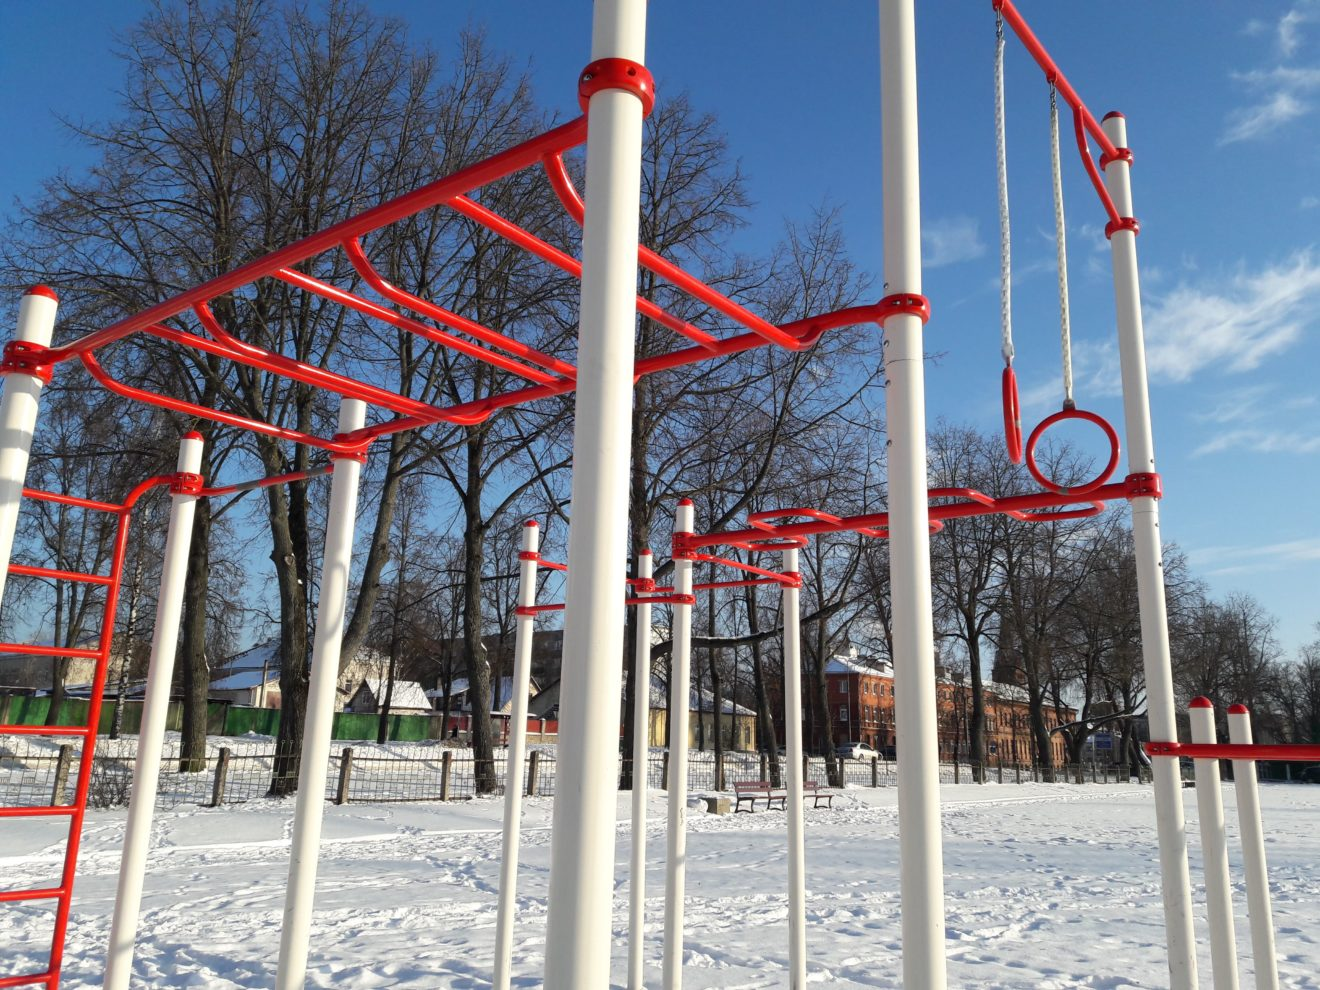 2627dca3 По протоптанным тропинкам видно, что полноценное поле для занятий спортом с  искусственным покрытием даже зимой пользуются спросом среди бегунов.